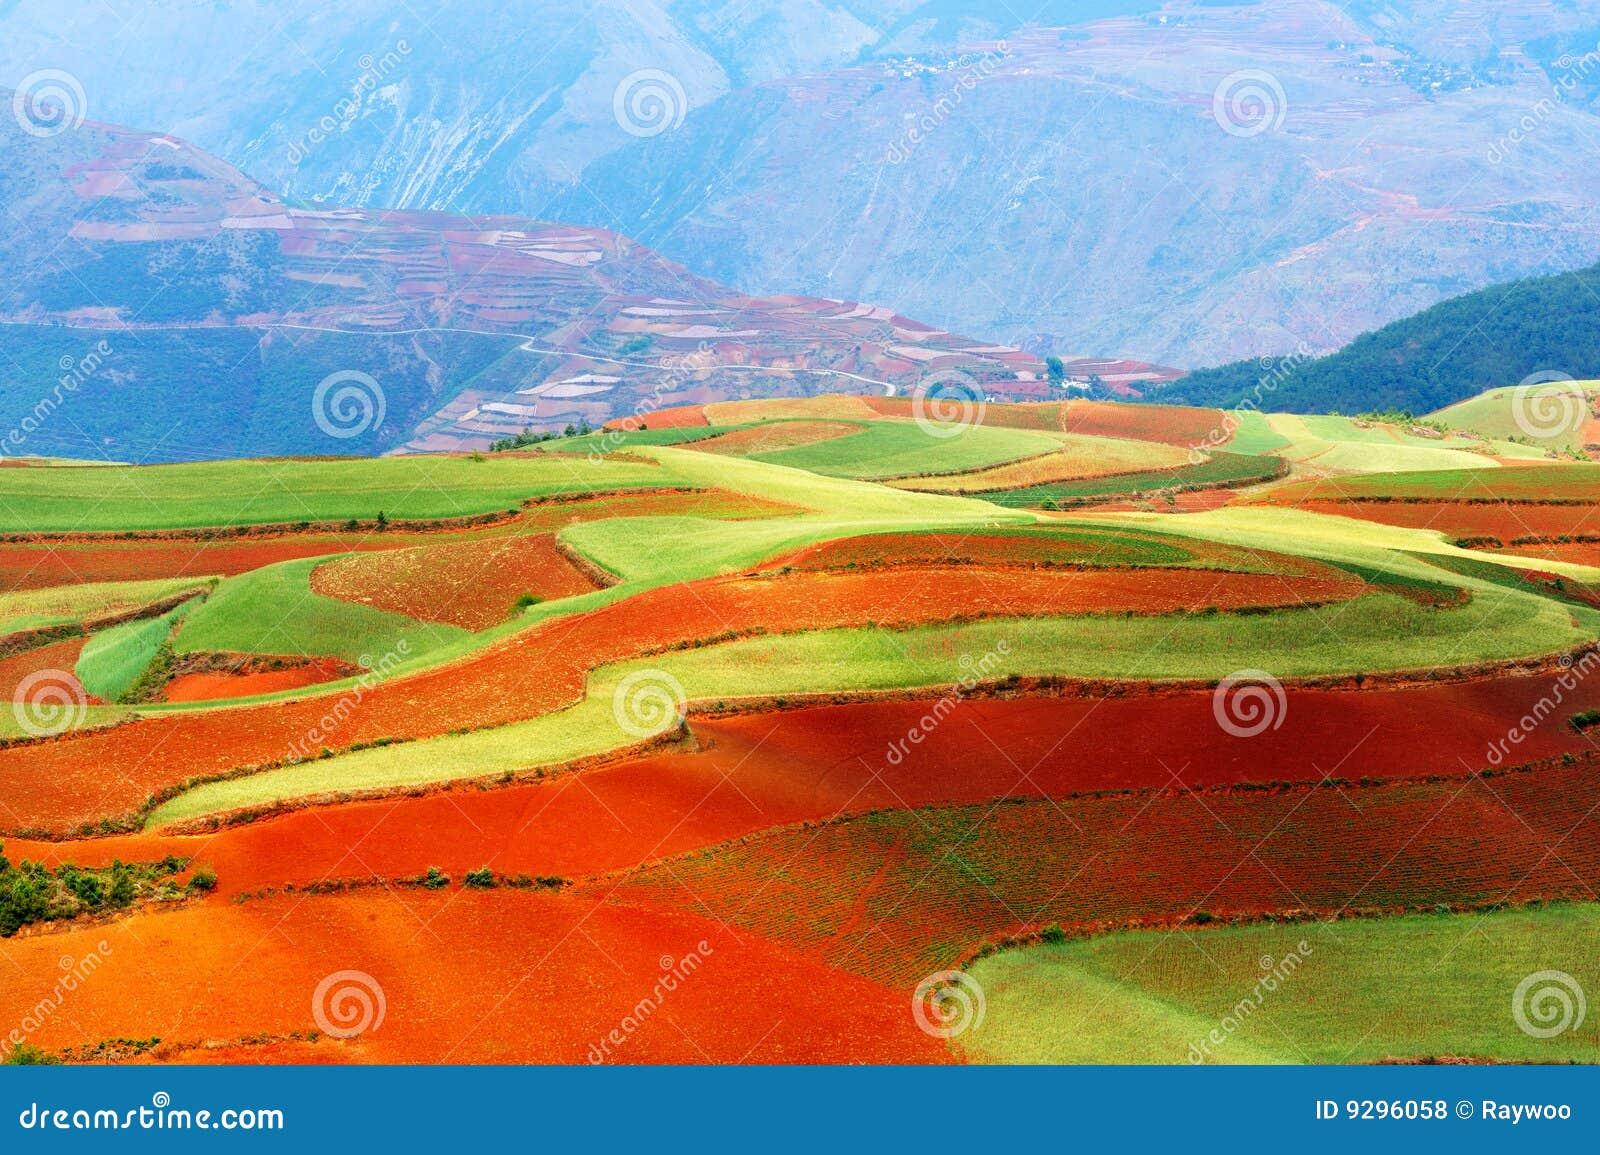 Beautiful fields landscapes